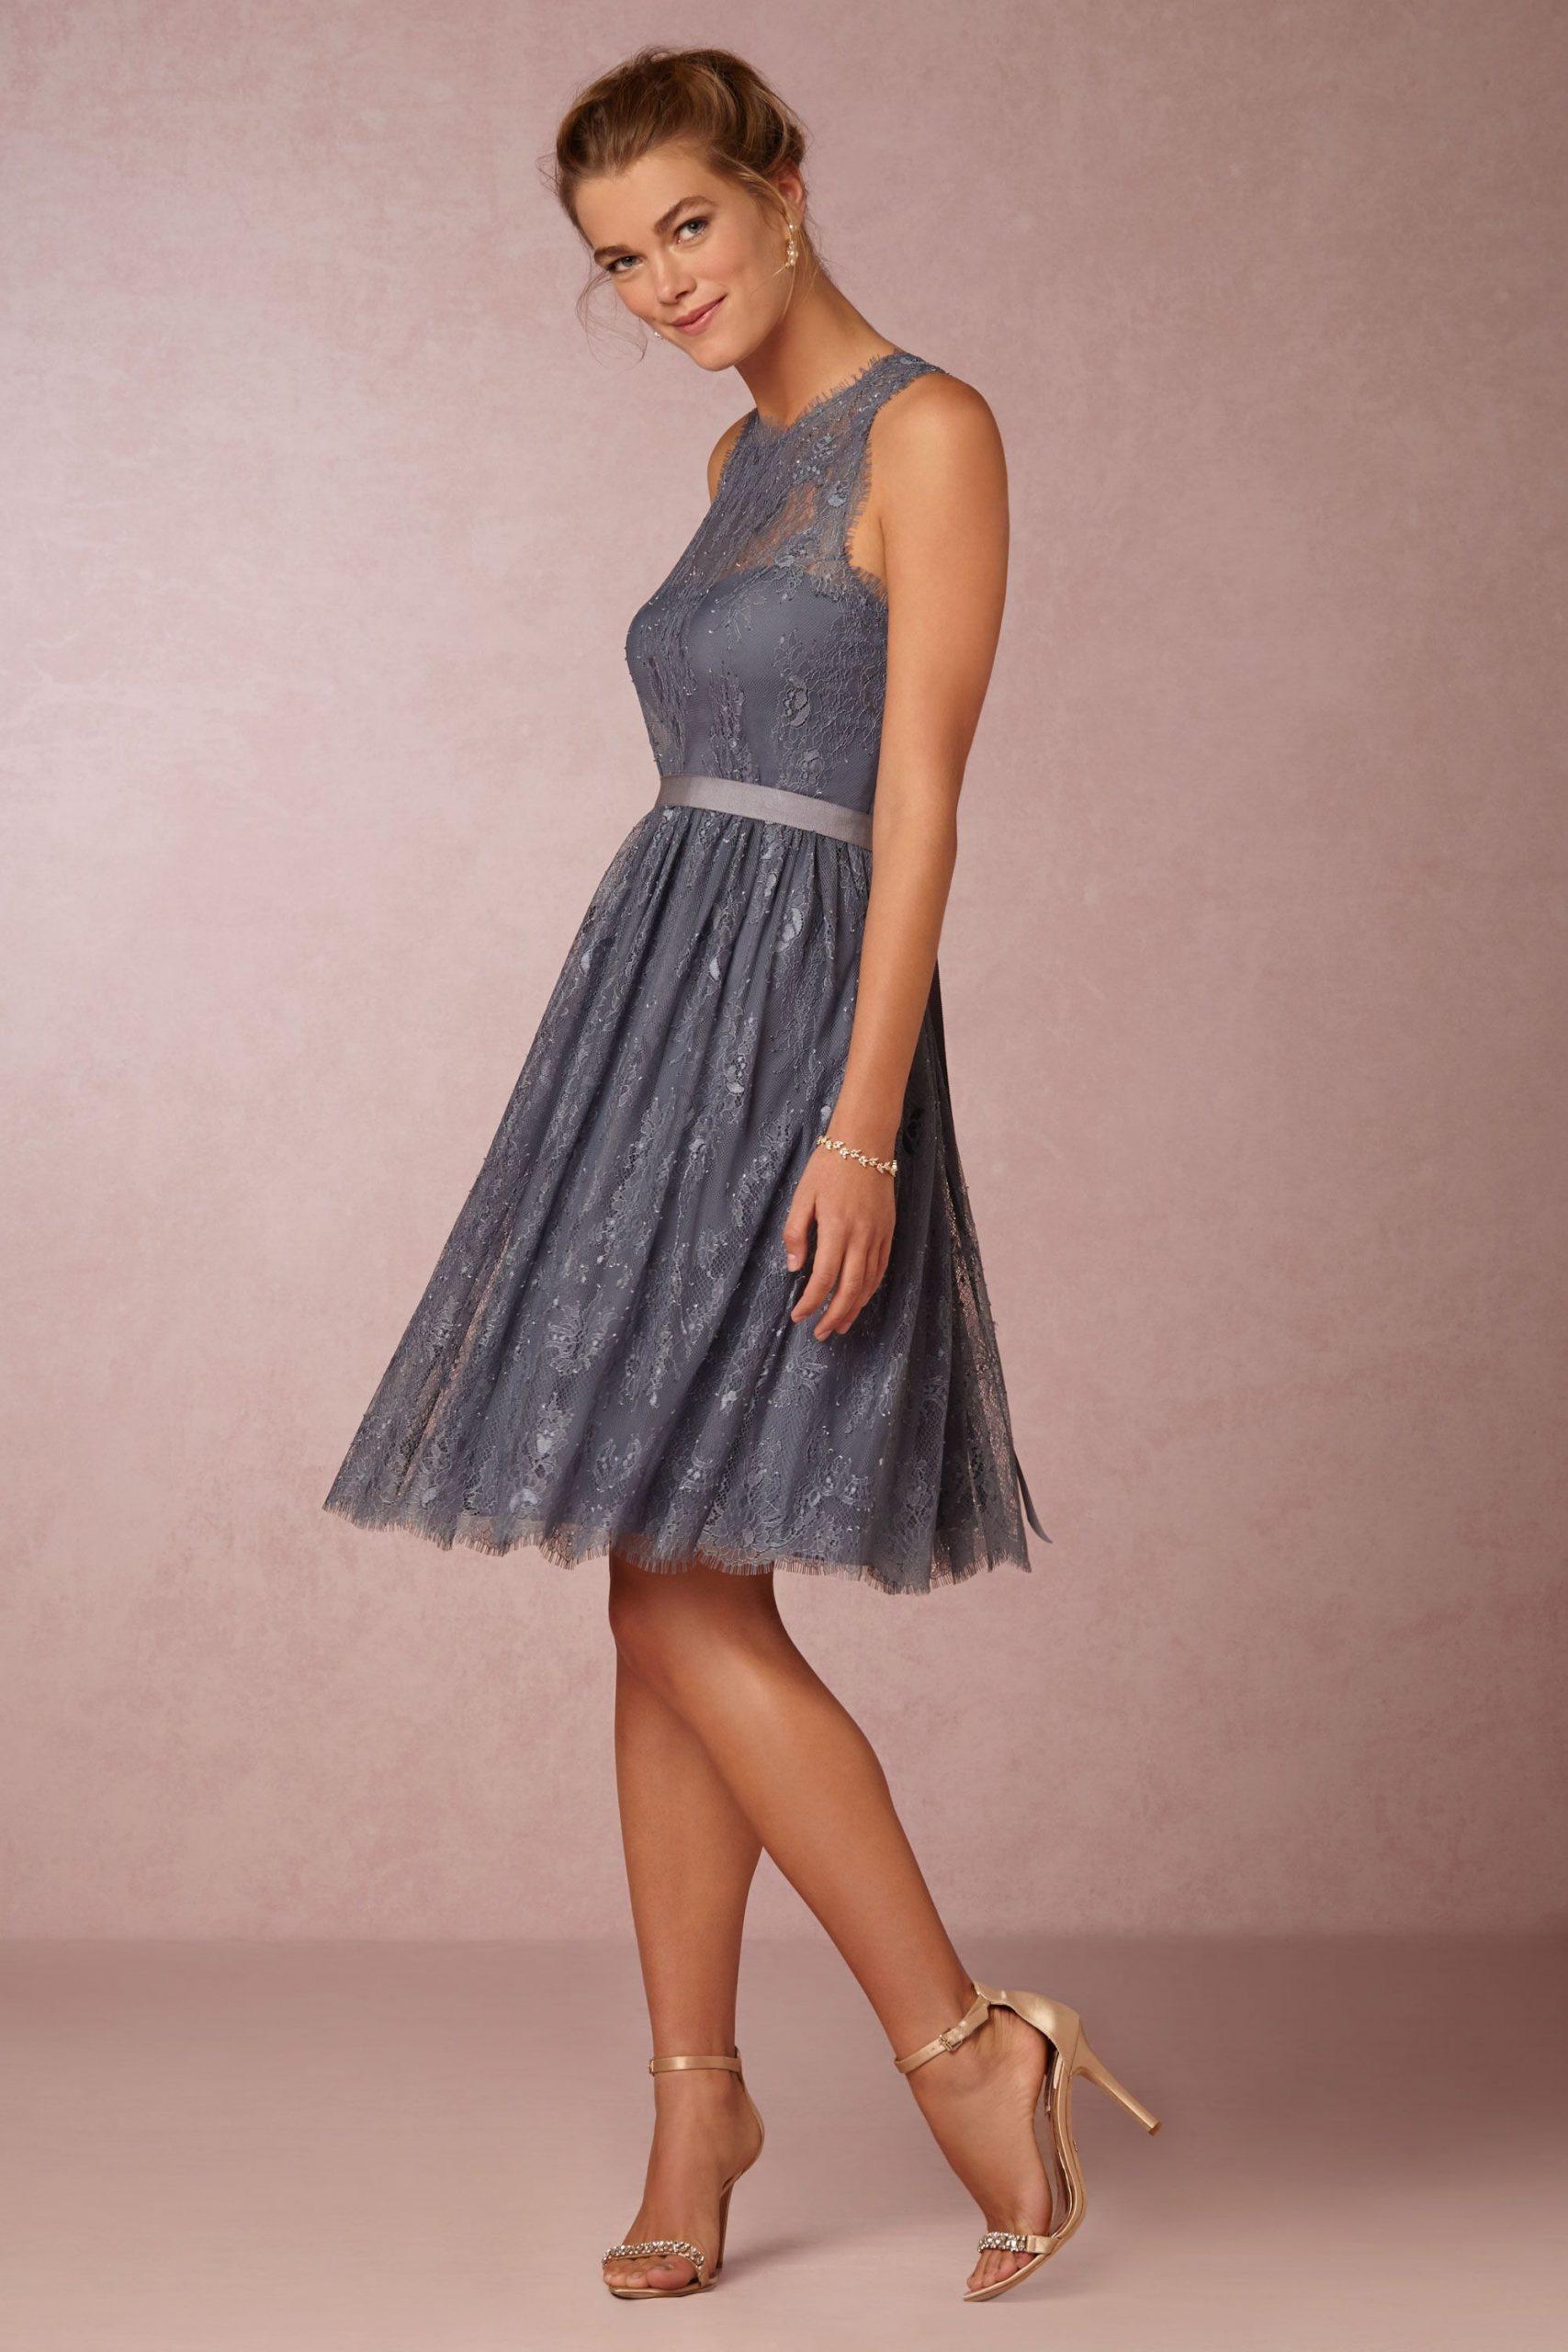 Designer Cool Graue Kleider Für Hochzeit Stylish20 Elegant Graue Kleider Für Hochzeit Boutique